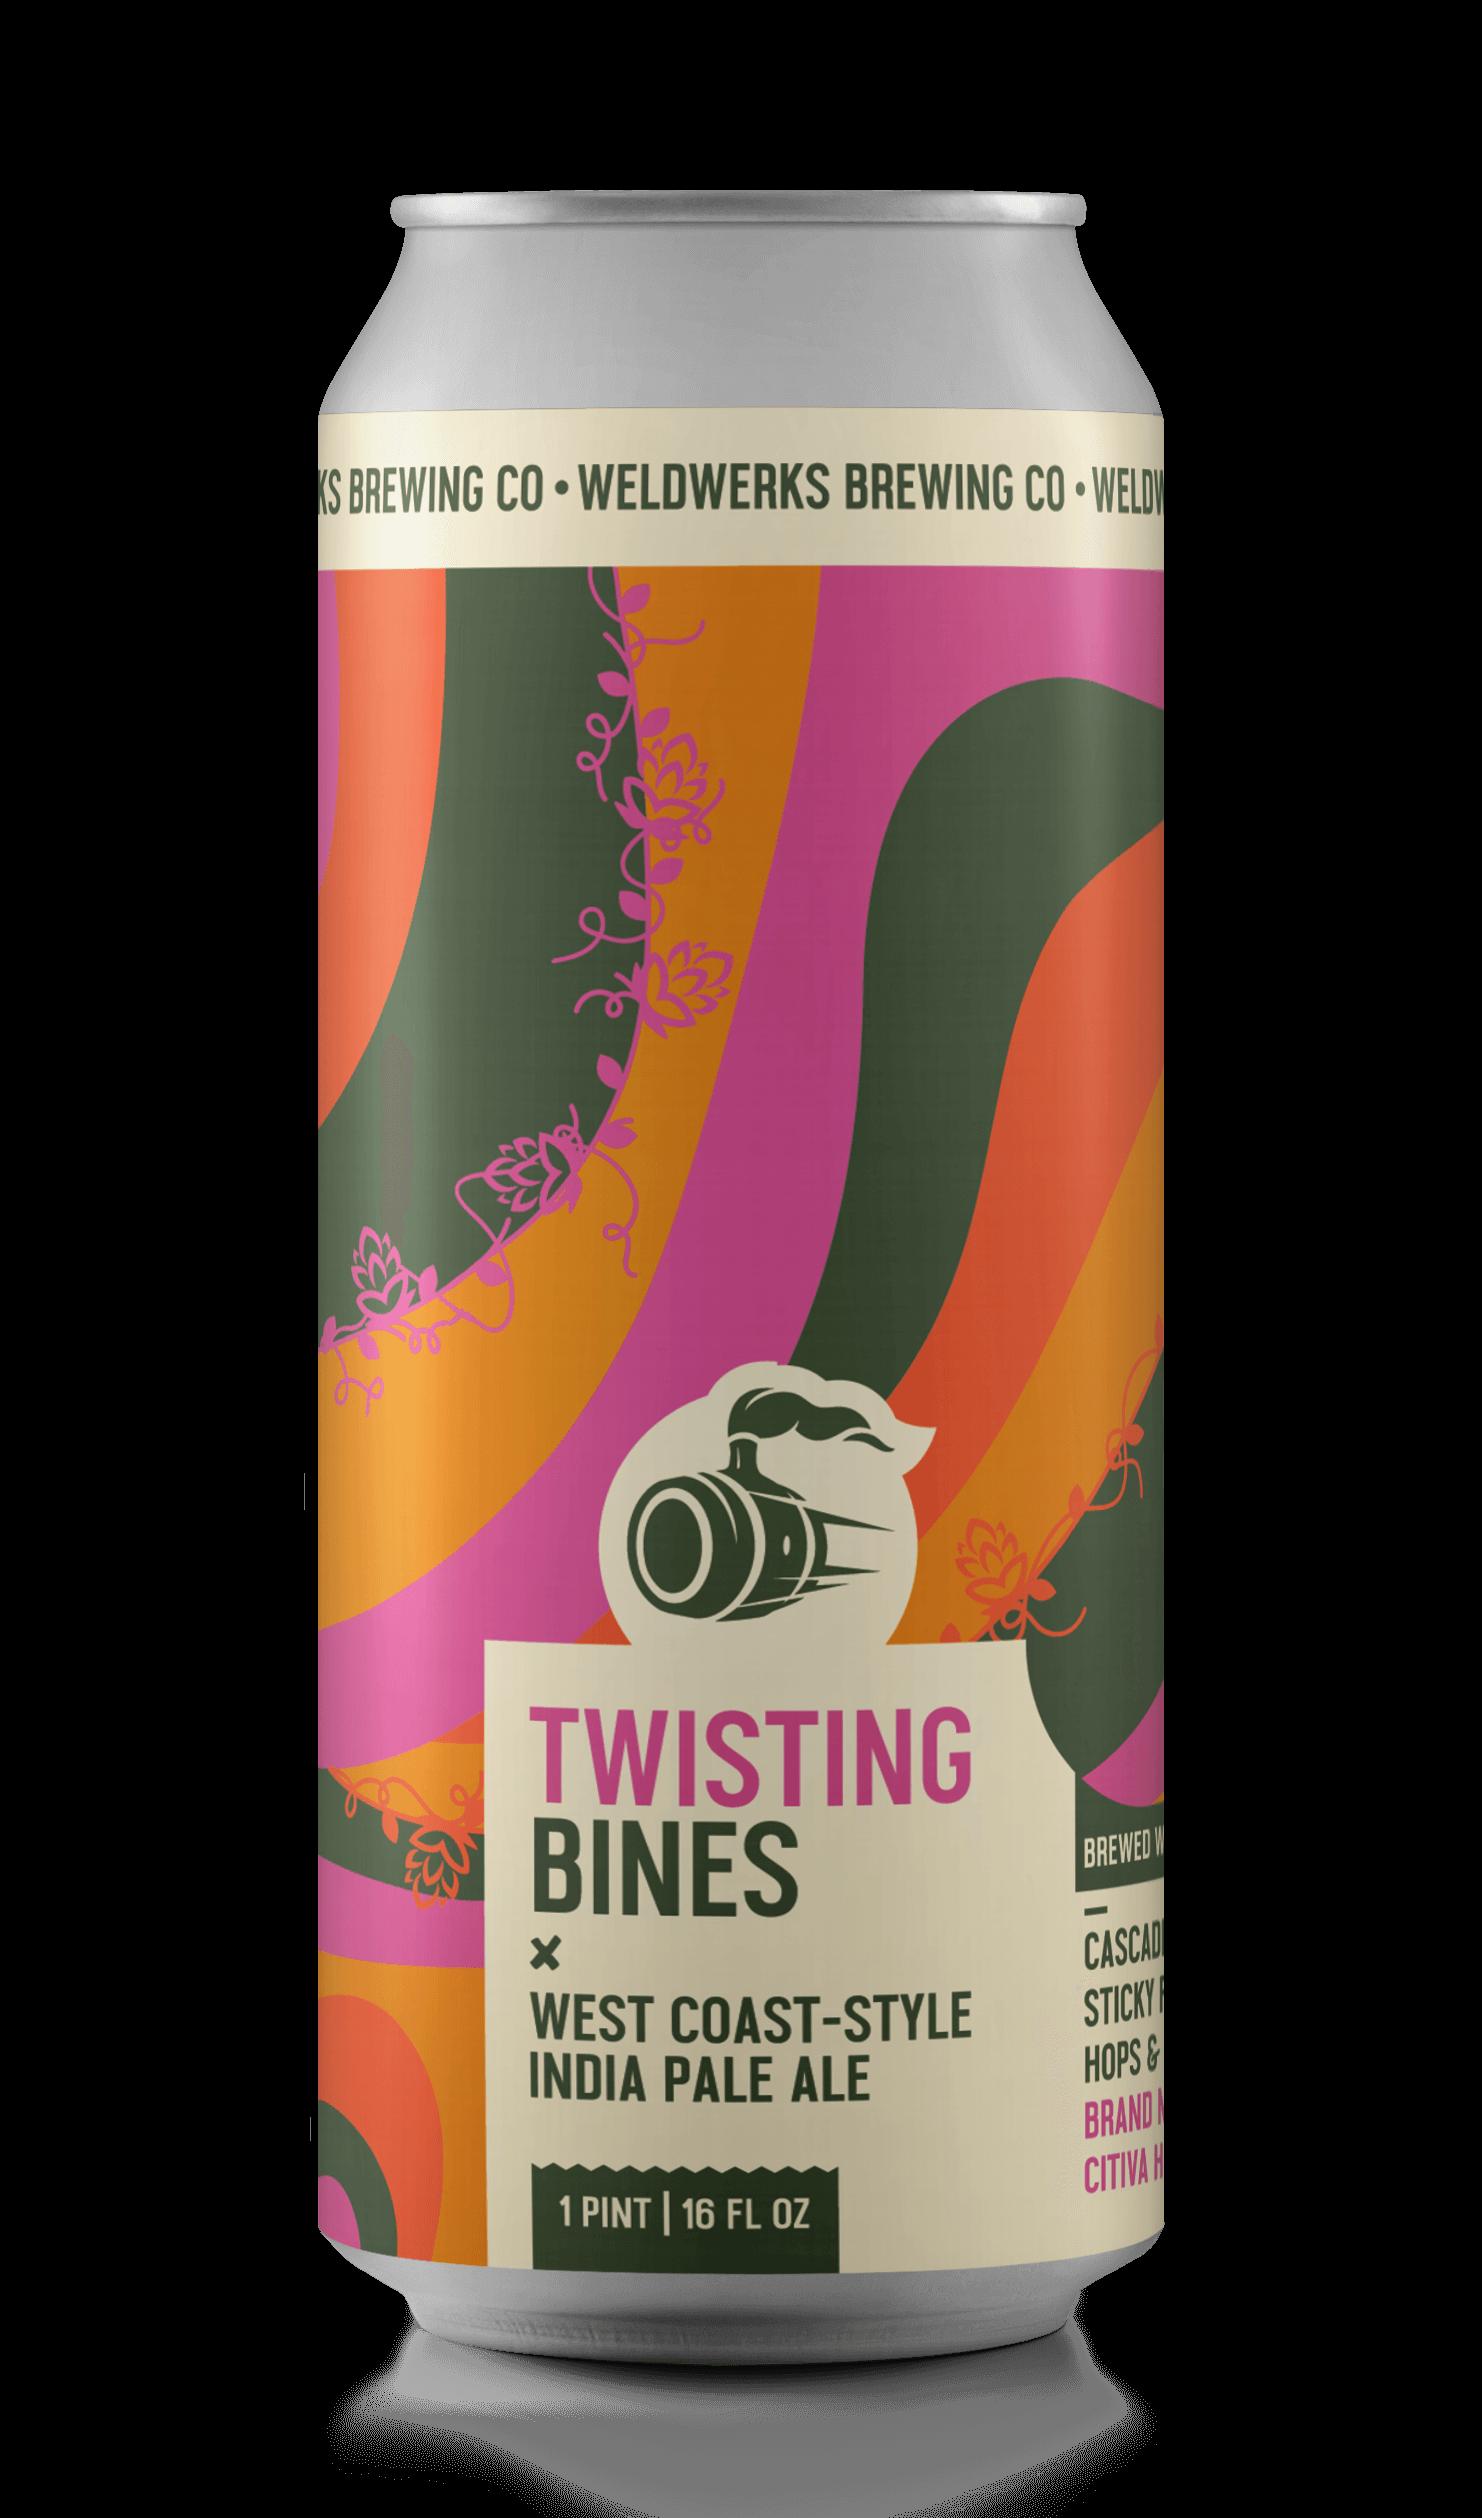 Twisting Bines